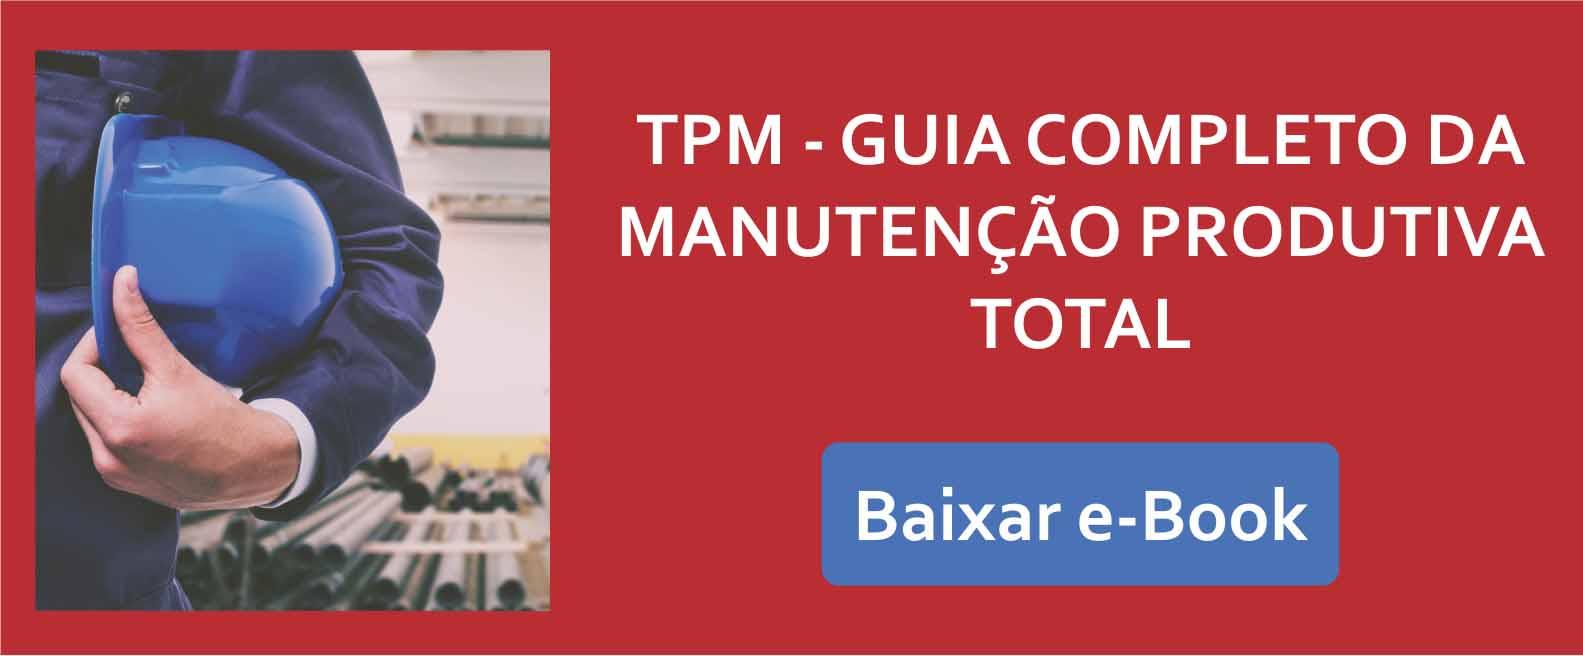 cta tpm guia completo - Os equipamentos críticos e a manutenção